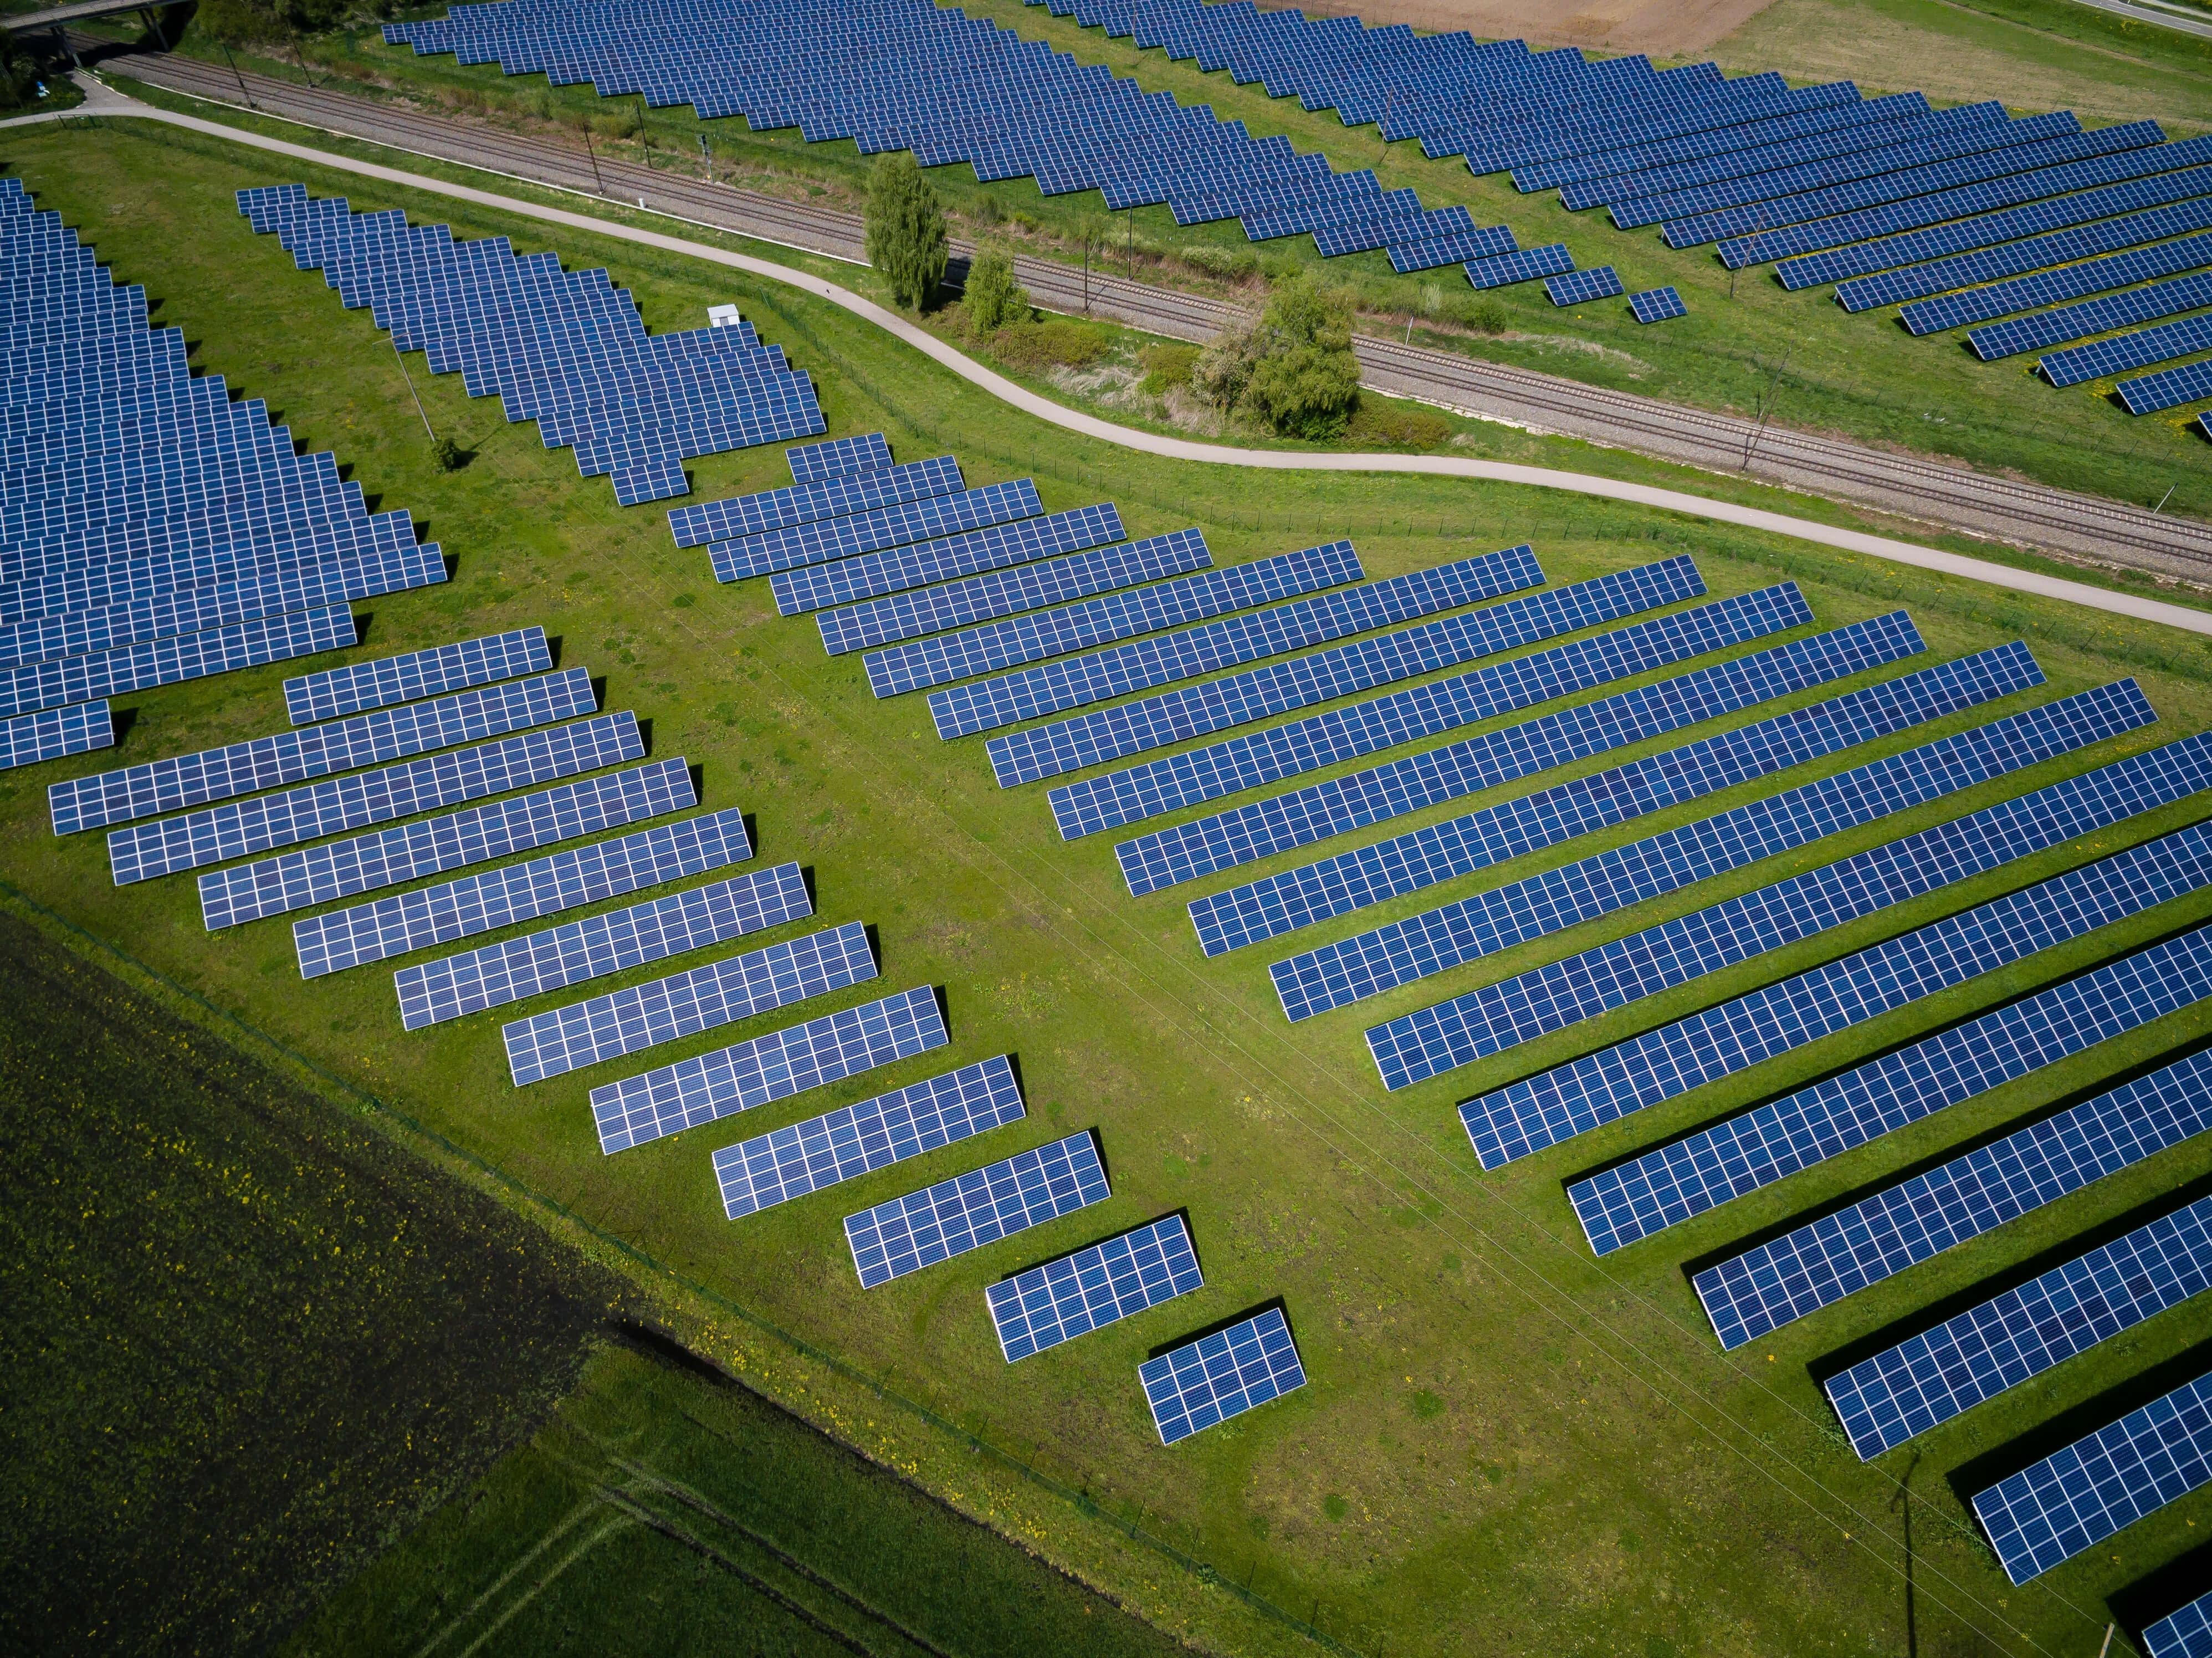 Solar power farm. Photo by Andreas Gücklhorn on Unsplash